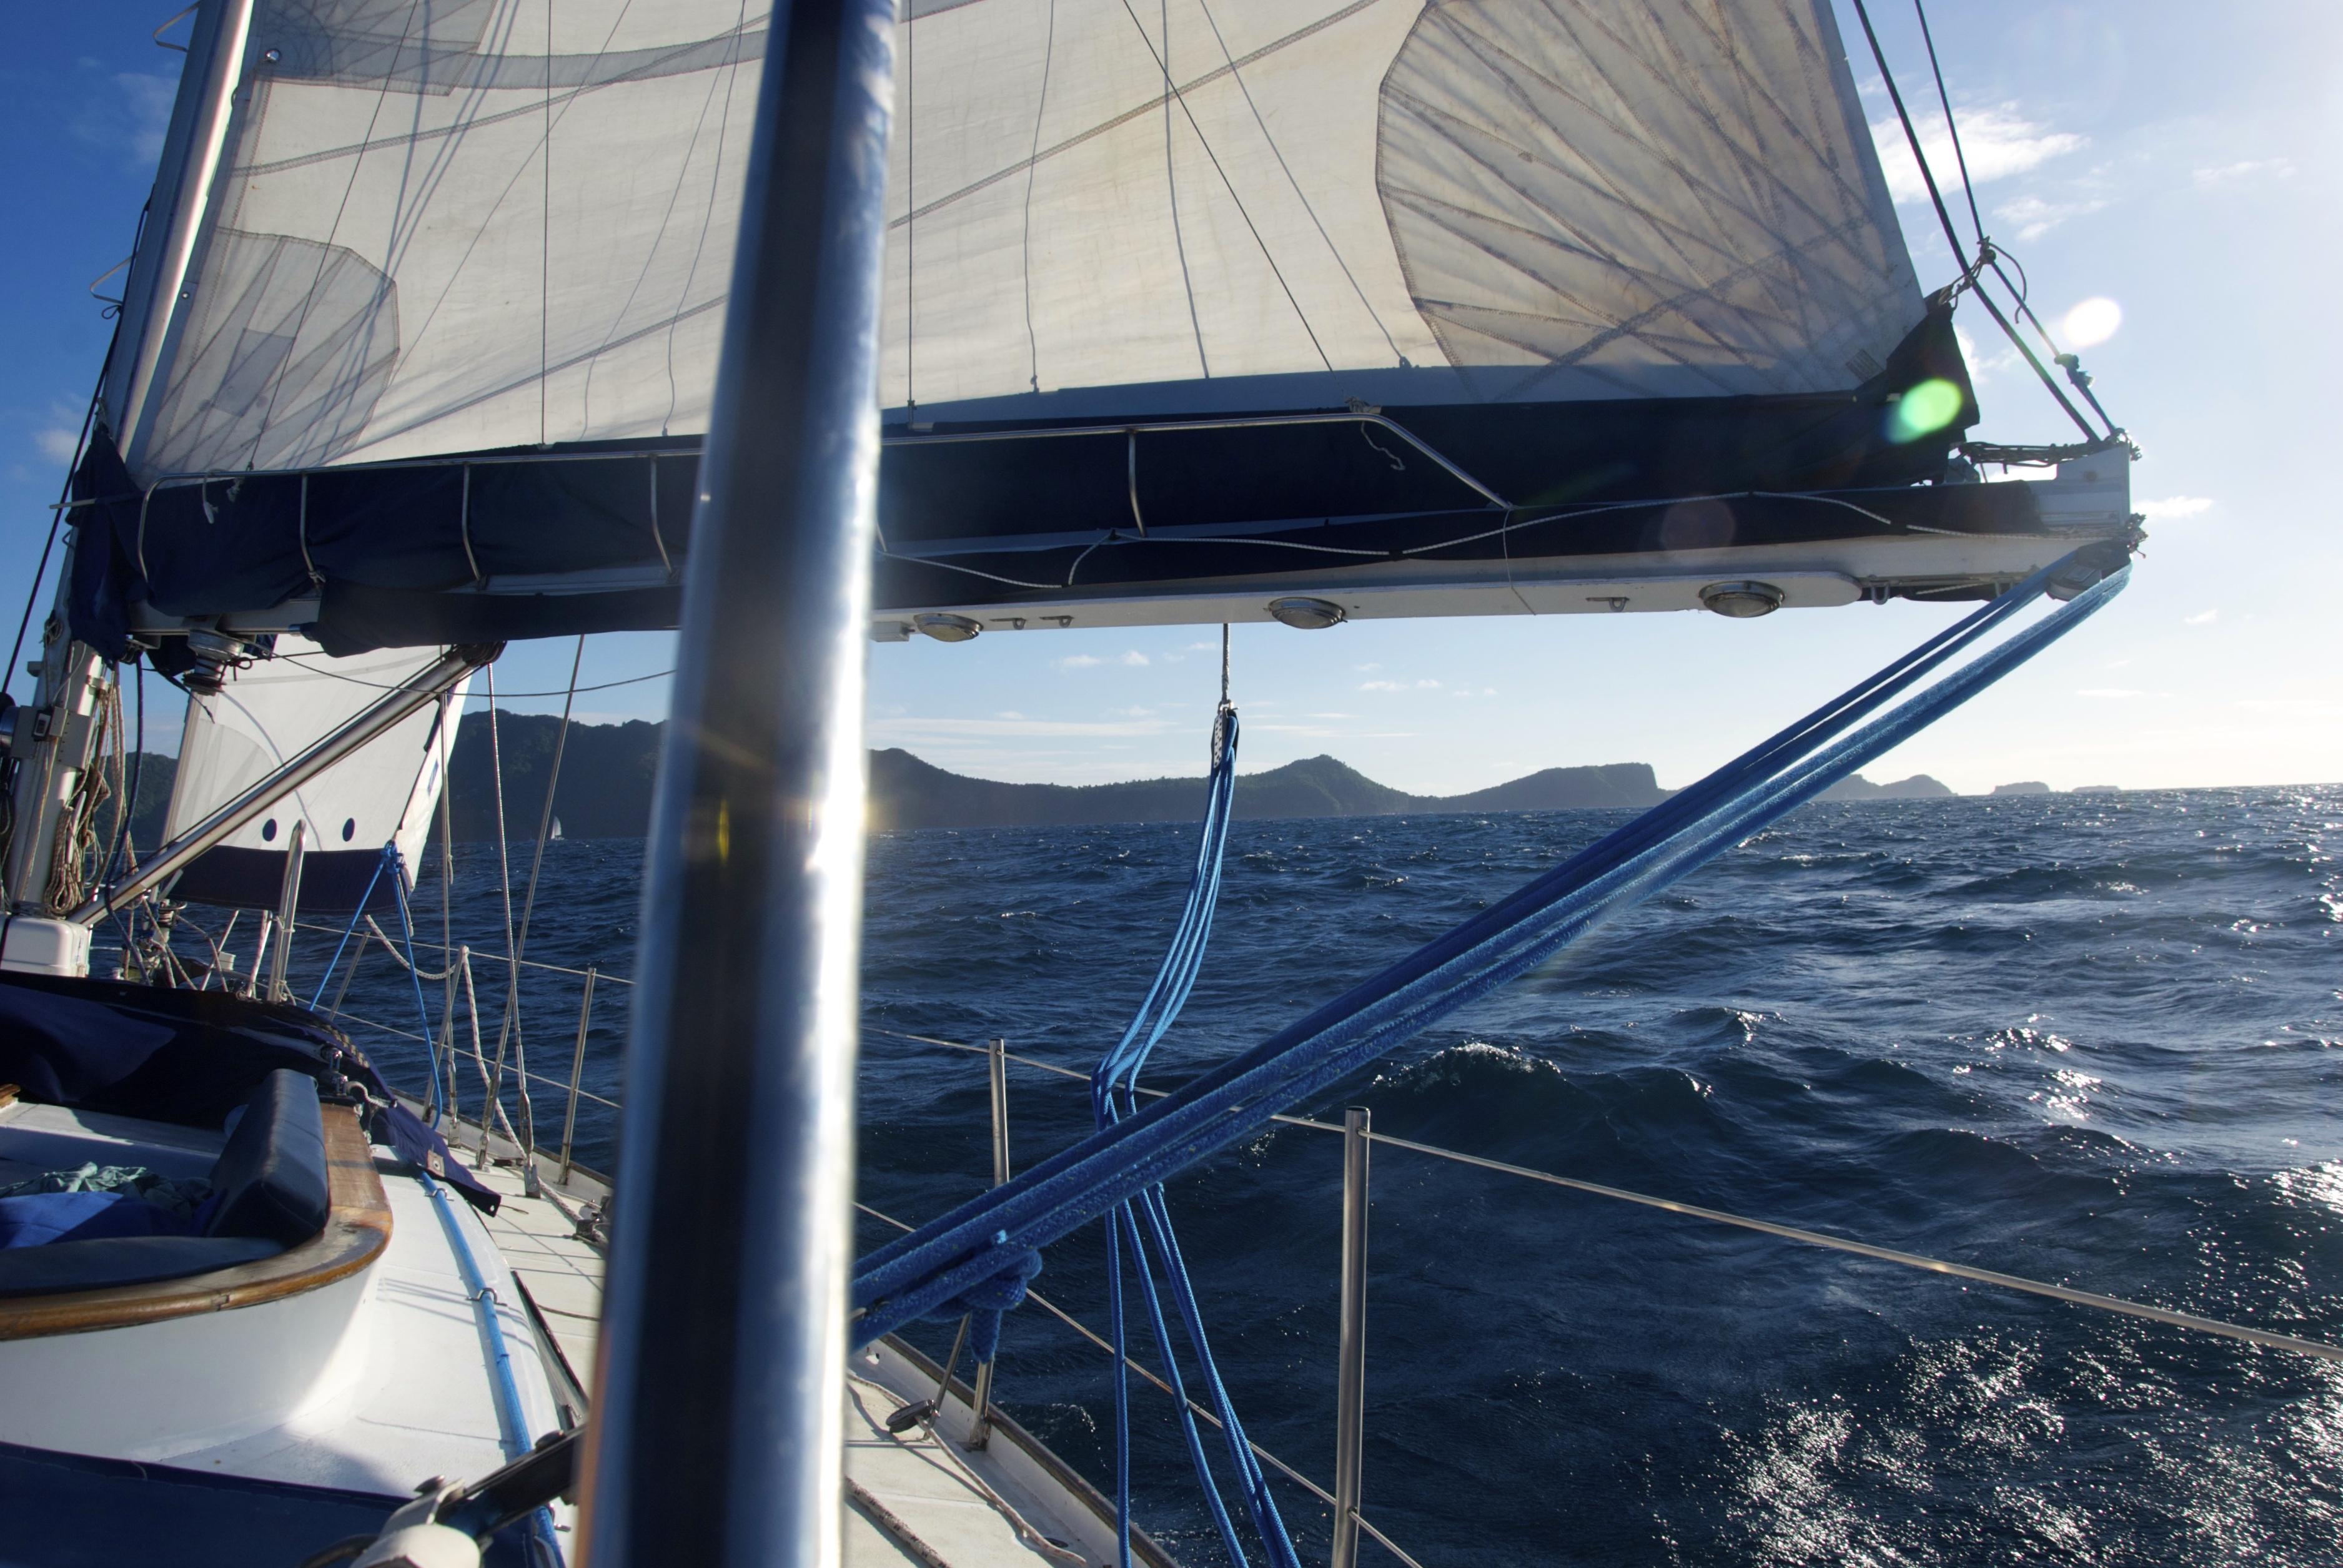 Sideral en navigation vers Bequia